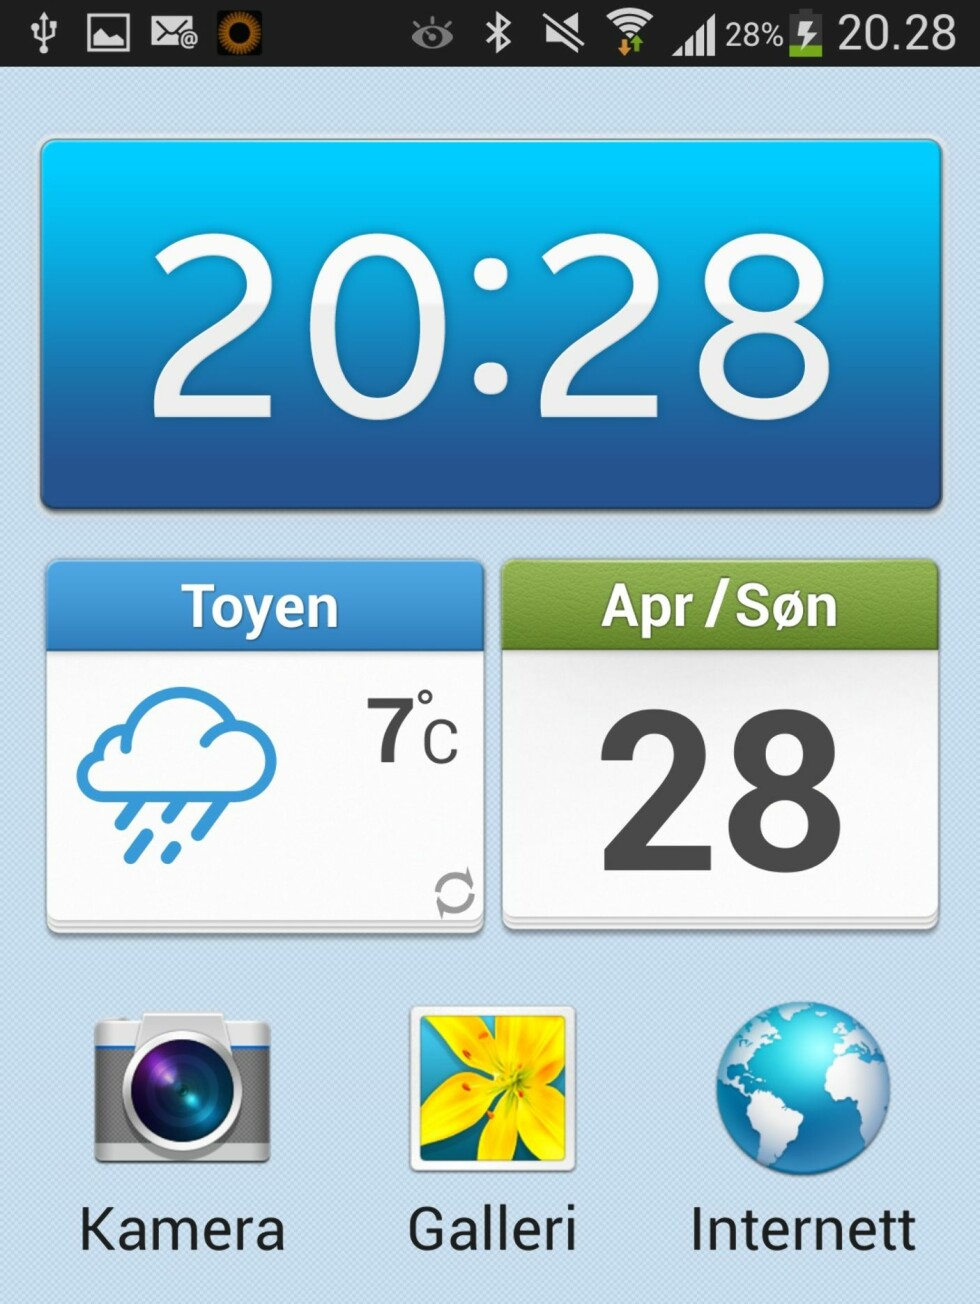 Synes du brukergrensesnittet i Samsung-telefonen blir for komplisert? Da kan du bruke dette i stedet.